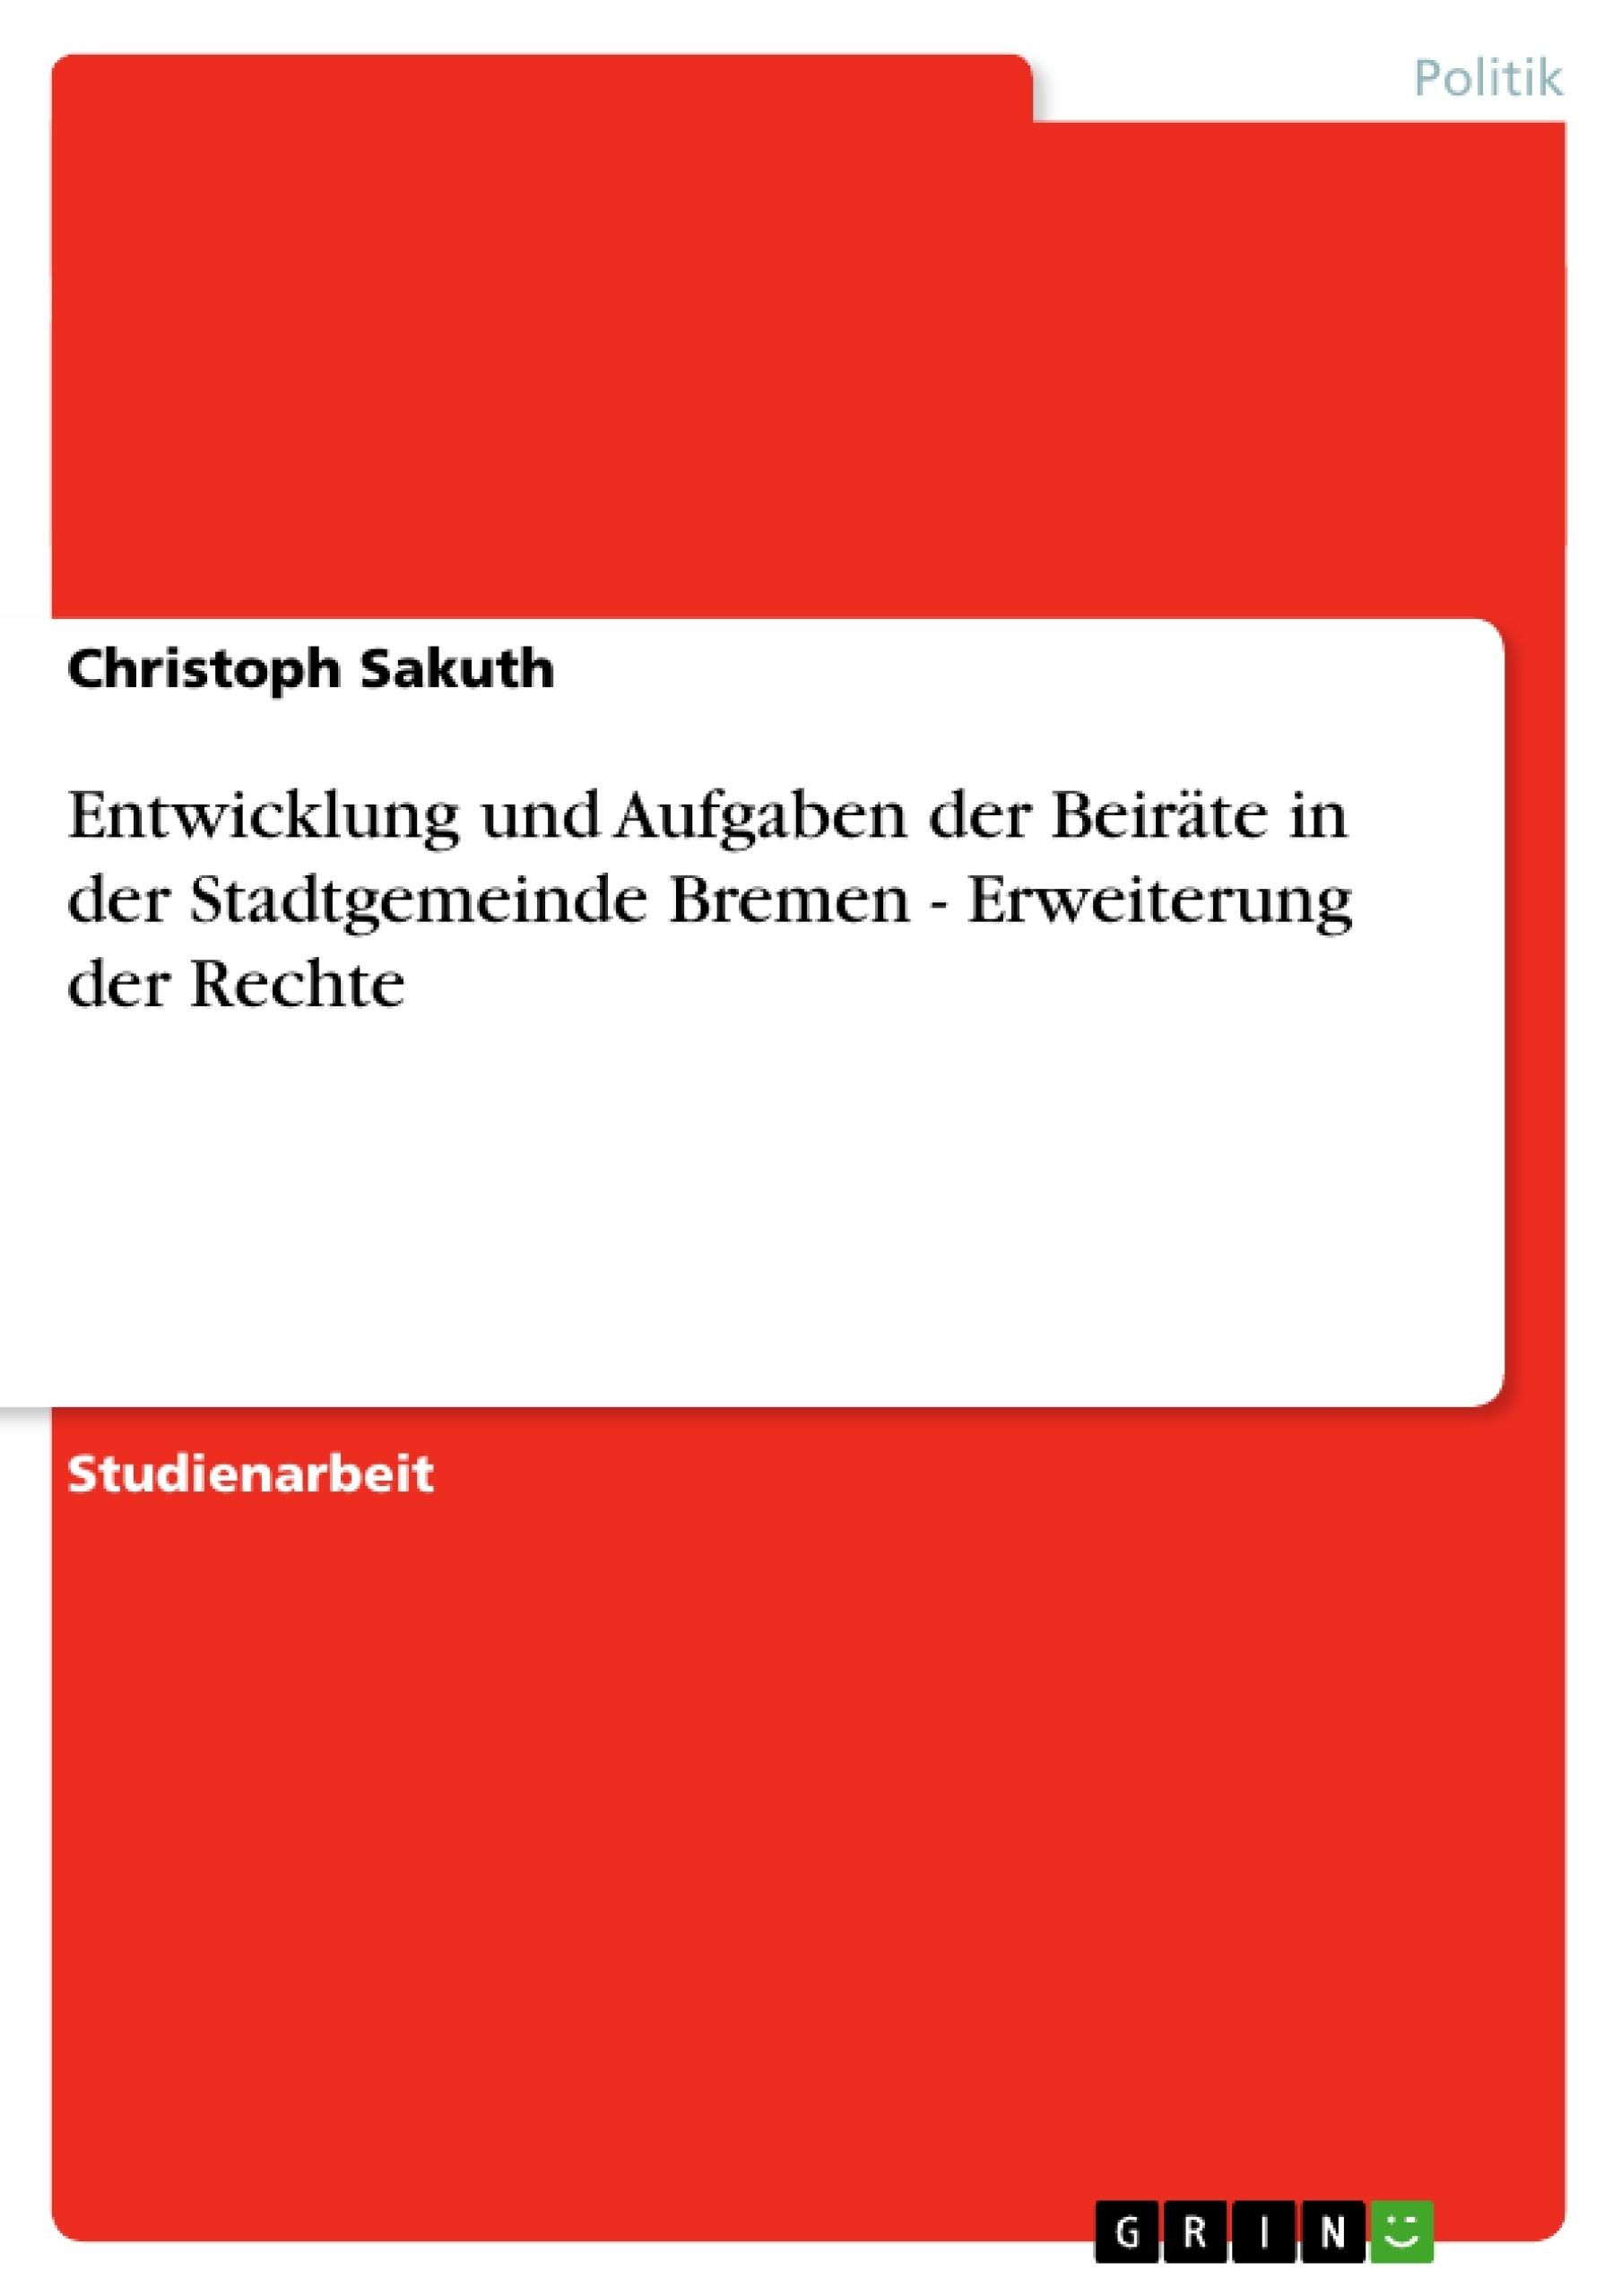 Titel: Entwicklung und Aufgaben der Beiräte in der Stadtgemeinde Bremen - Erweiterung der Rechte